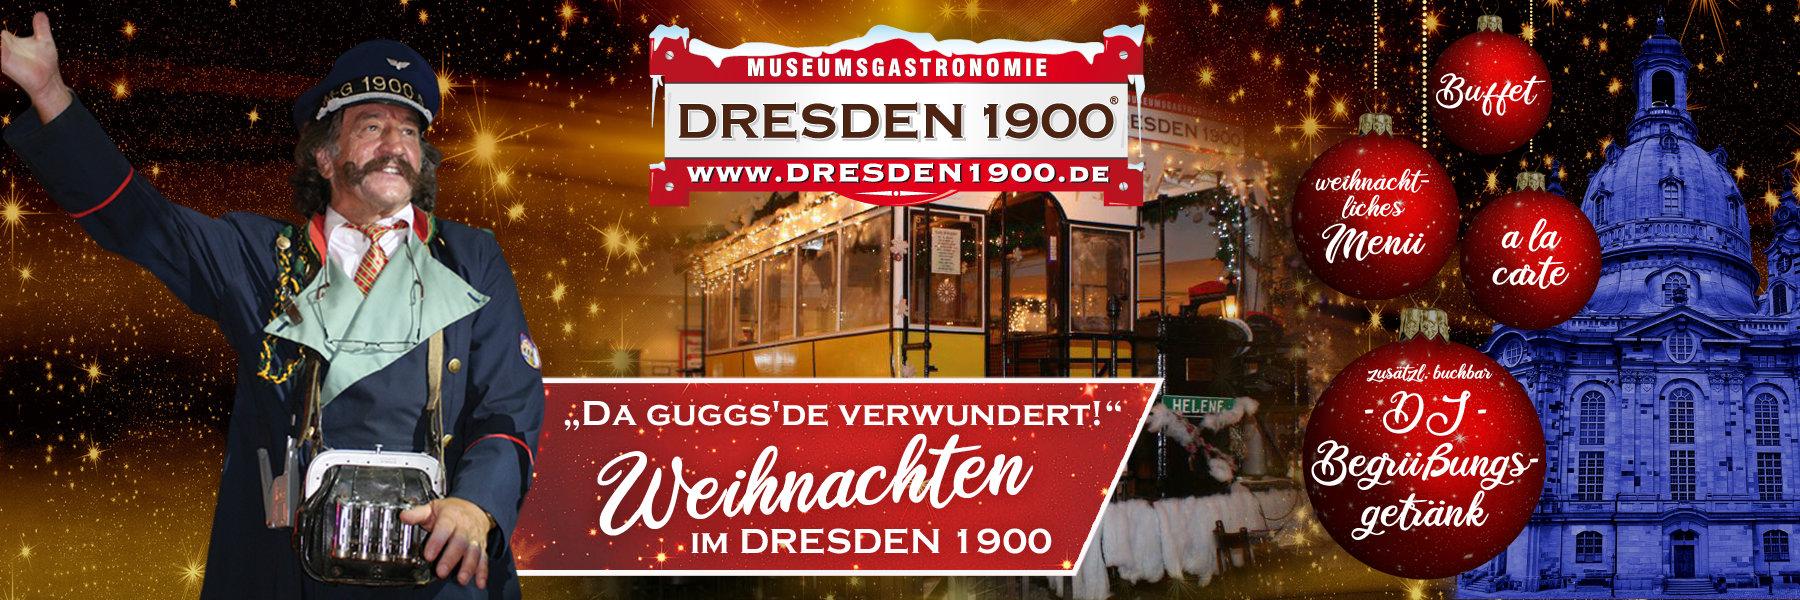 Weihnachten feiern im DRESDEN 1900